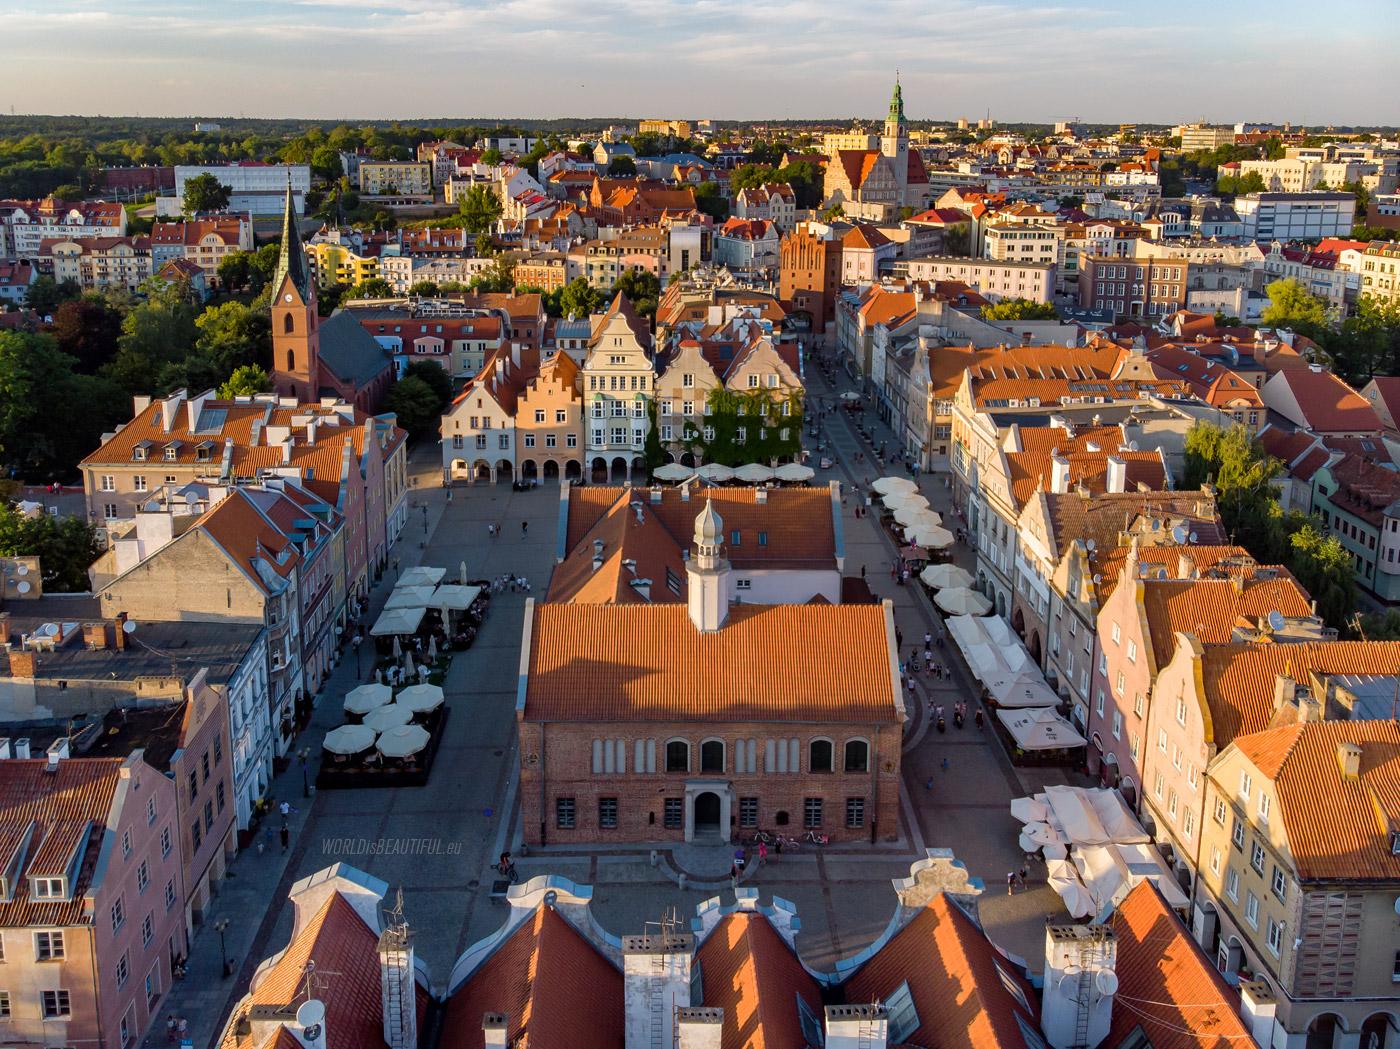 Zdjęcia z Olsztyna